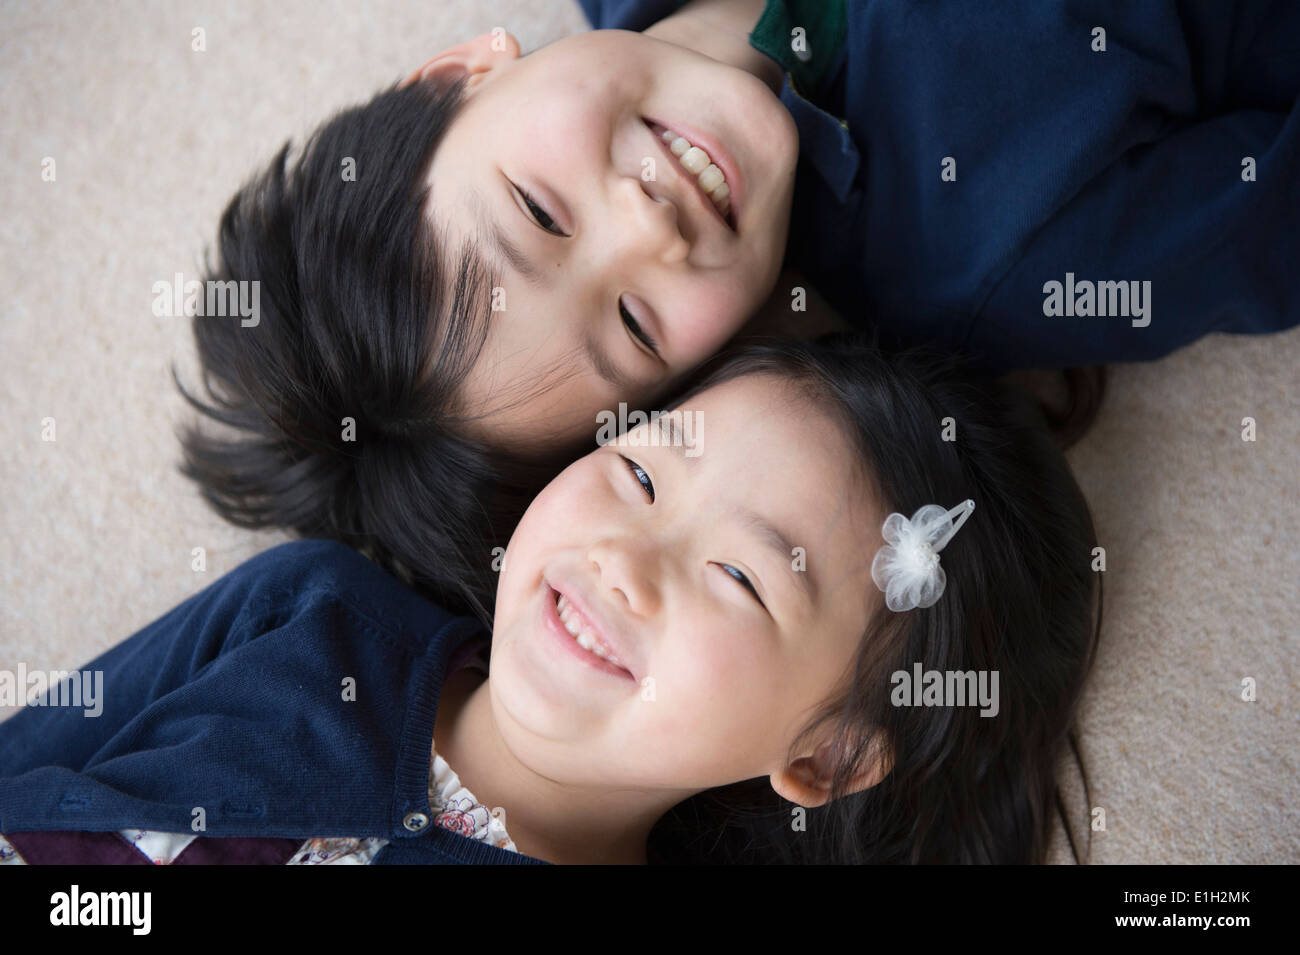 Retrato de hermano y hermana acostado sobre una alfombra Imagen De Stock